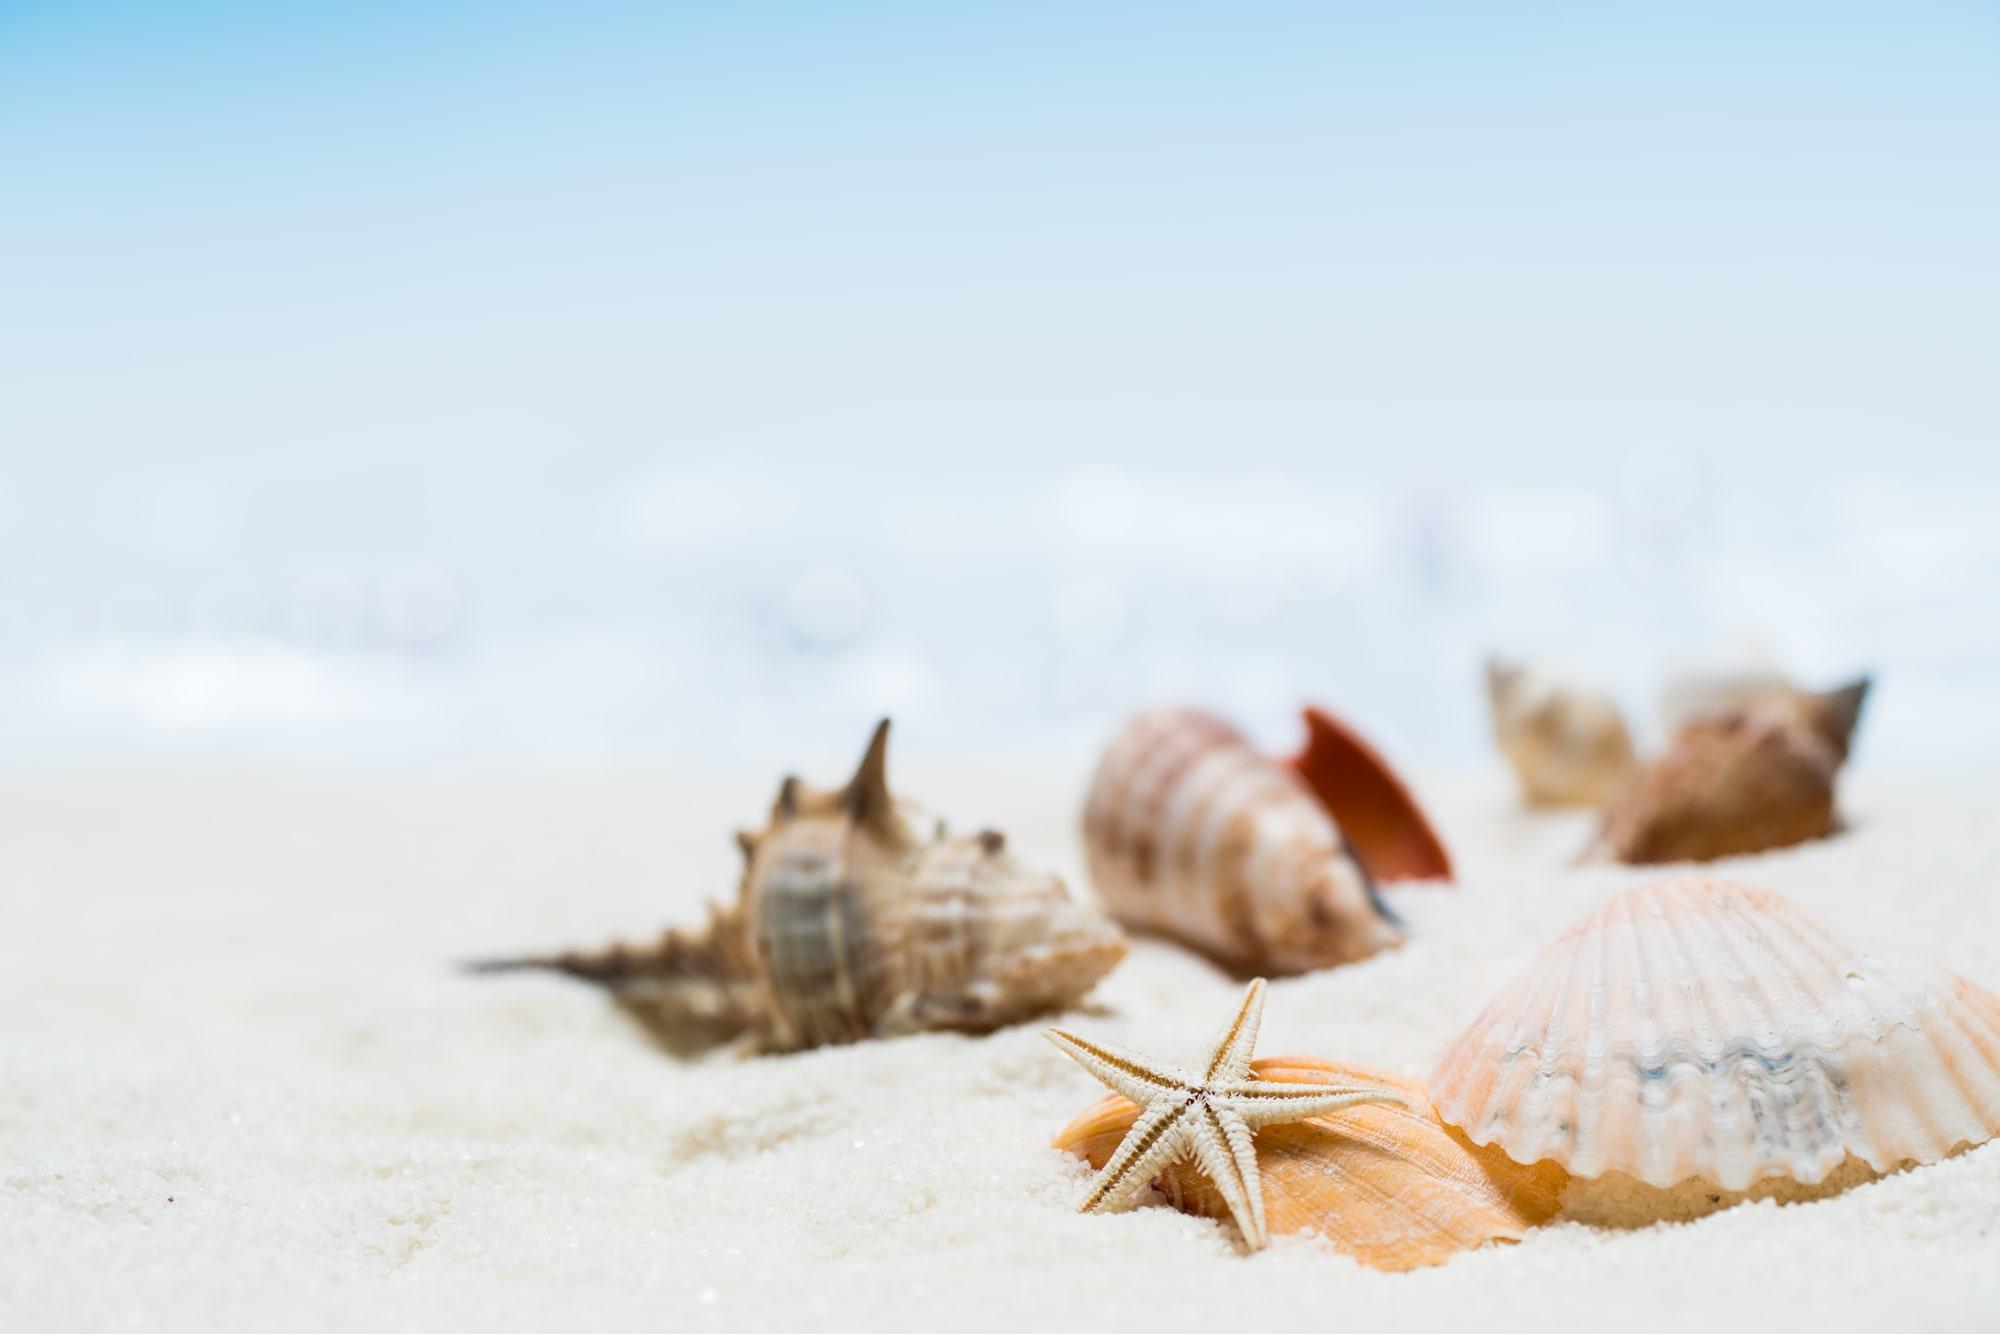 夏デートを満喫!この夏、カップルにおすすめしたいレンタルスペース3選|TIME SHARING|タイムシェアリング|スペースマネジメント|あどばる|adval|SHARING